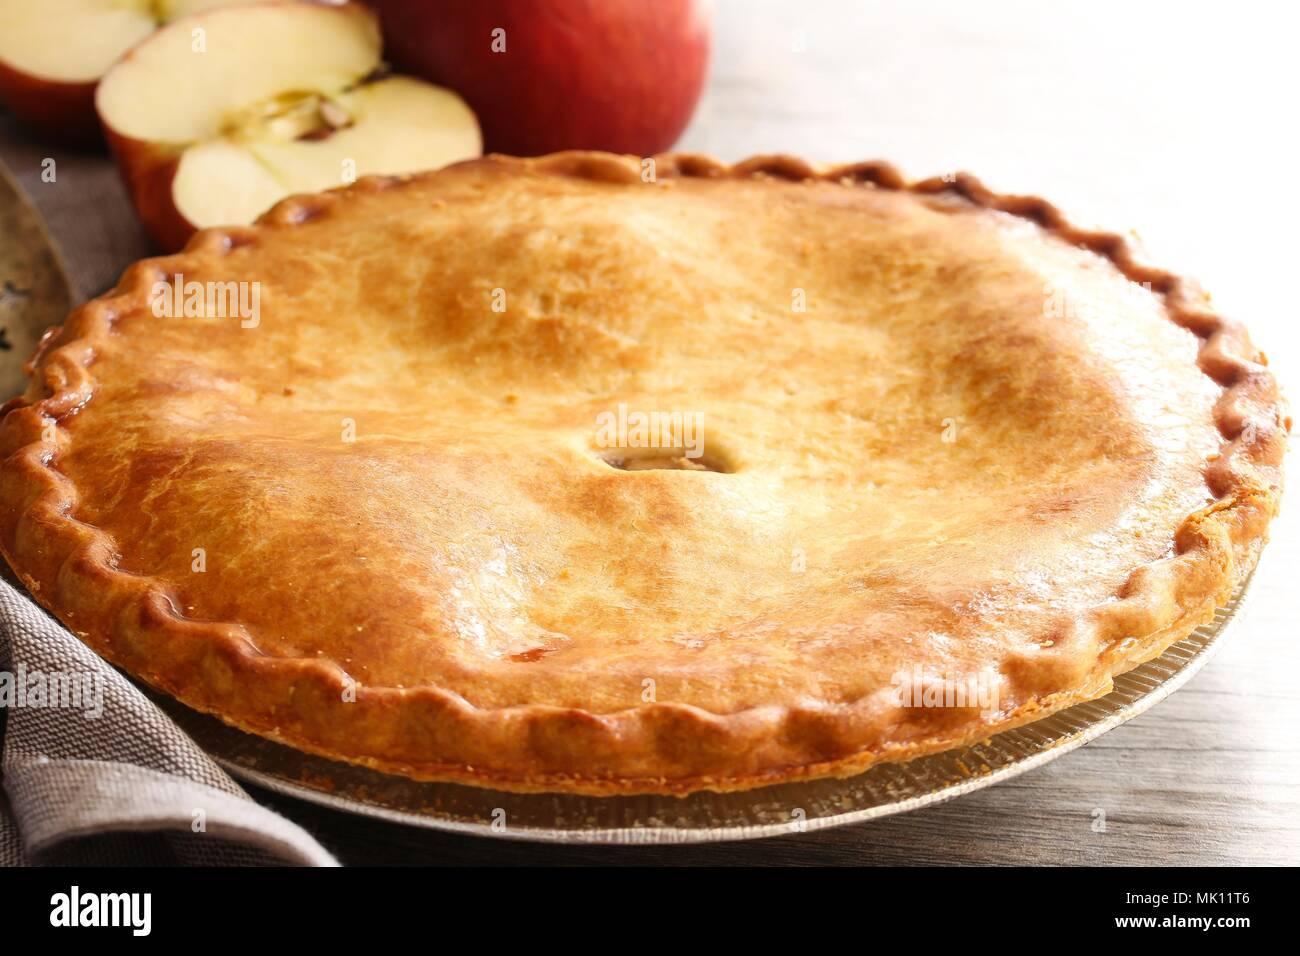 Tarte aux pommes à l'ancienne maison Photo Stock